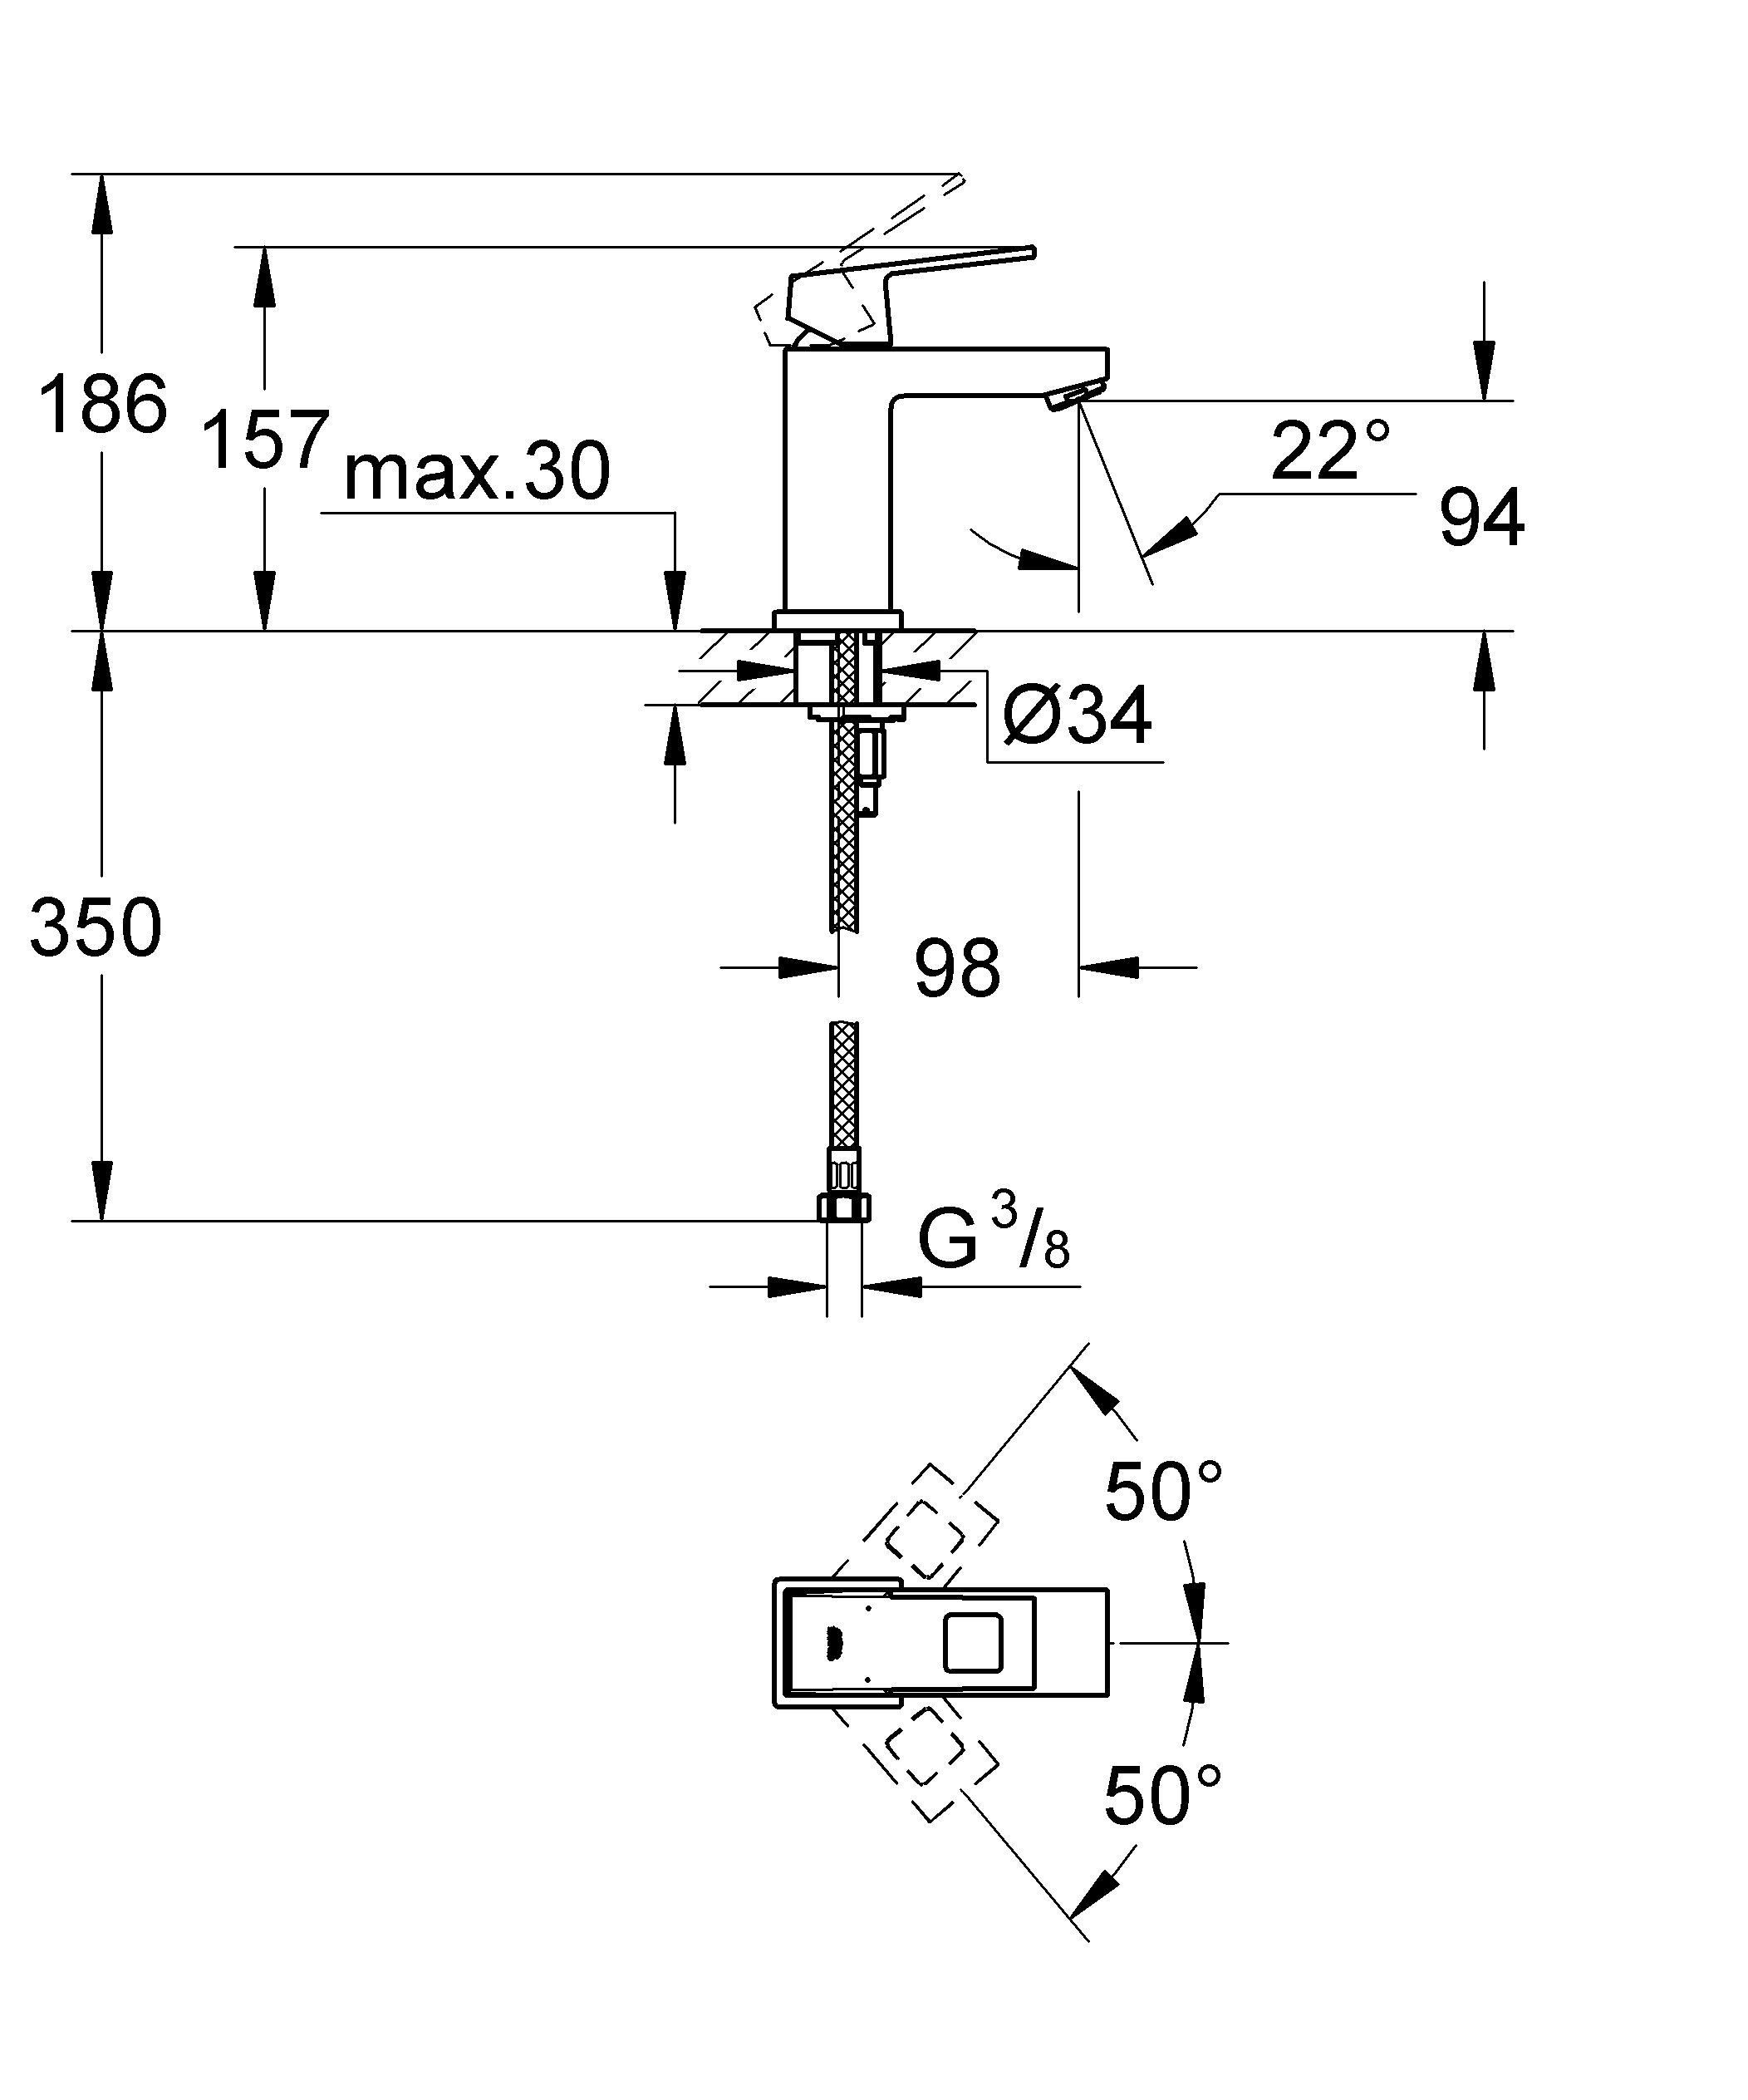 Изящный смеситель с цельным корпусом Если Вам не требуется встроенный механизм сливного клапана, то данный смеситель для раковины идеально Вам подойдет. Он является характерным представителем коллекции GROHE Eurocube с точки зрения дизайна и изготавливается с сияющим хромированным покрытием GROHE StarLight. Он комплектуется изливом стандартной высоты и сочетается со всеми раковинами классического типа, обеспечивая при этом достаточно пространства для повседневных гигиенических процедур, таких как чистка зубов. В конструкции картриджа этого однорычажного смесителя применяется проверенная временем технология GROHE SilkMove, благодаря которой рычаг плавно движется во всех направлениях и дает возможность с легкостью управлять температурой и напором воды. Система монтажа GROHE QuickFix Plus поможет Вам выполнить установку своего нового смесителя быстро и легко. Благодаря своему изысканному и неброскому дизайну, а также функциональному совершенству, этот смеситель сделает оформление и оснащение Вашей ванной комнаты более стильным и комфортным. Особенности:   Монтаж на одно отверстие  Металлический рычаг  GROHE SilkMove керамический картридж 28 мм  GROHE StarLight хромированная поверхность   Аэратор  Гладкий корпус  Гибкая подводка  Монтажная система GROHE QuickFix Plus  Ограничитель температуры   Видео по установке является исключительно информационным. Установка должна проводиться профессионалами!